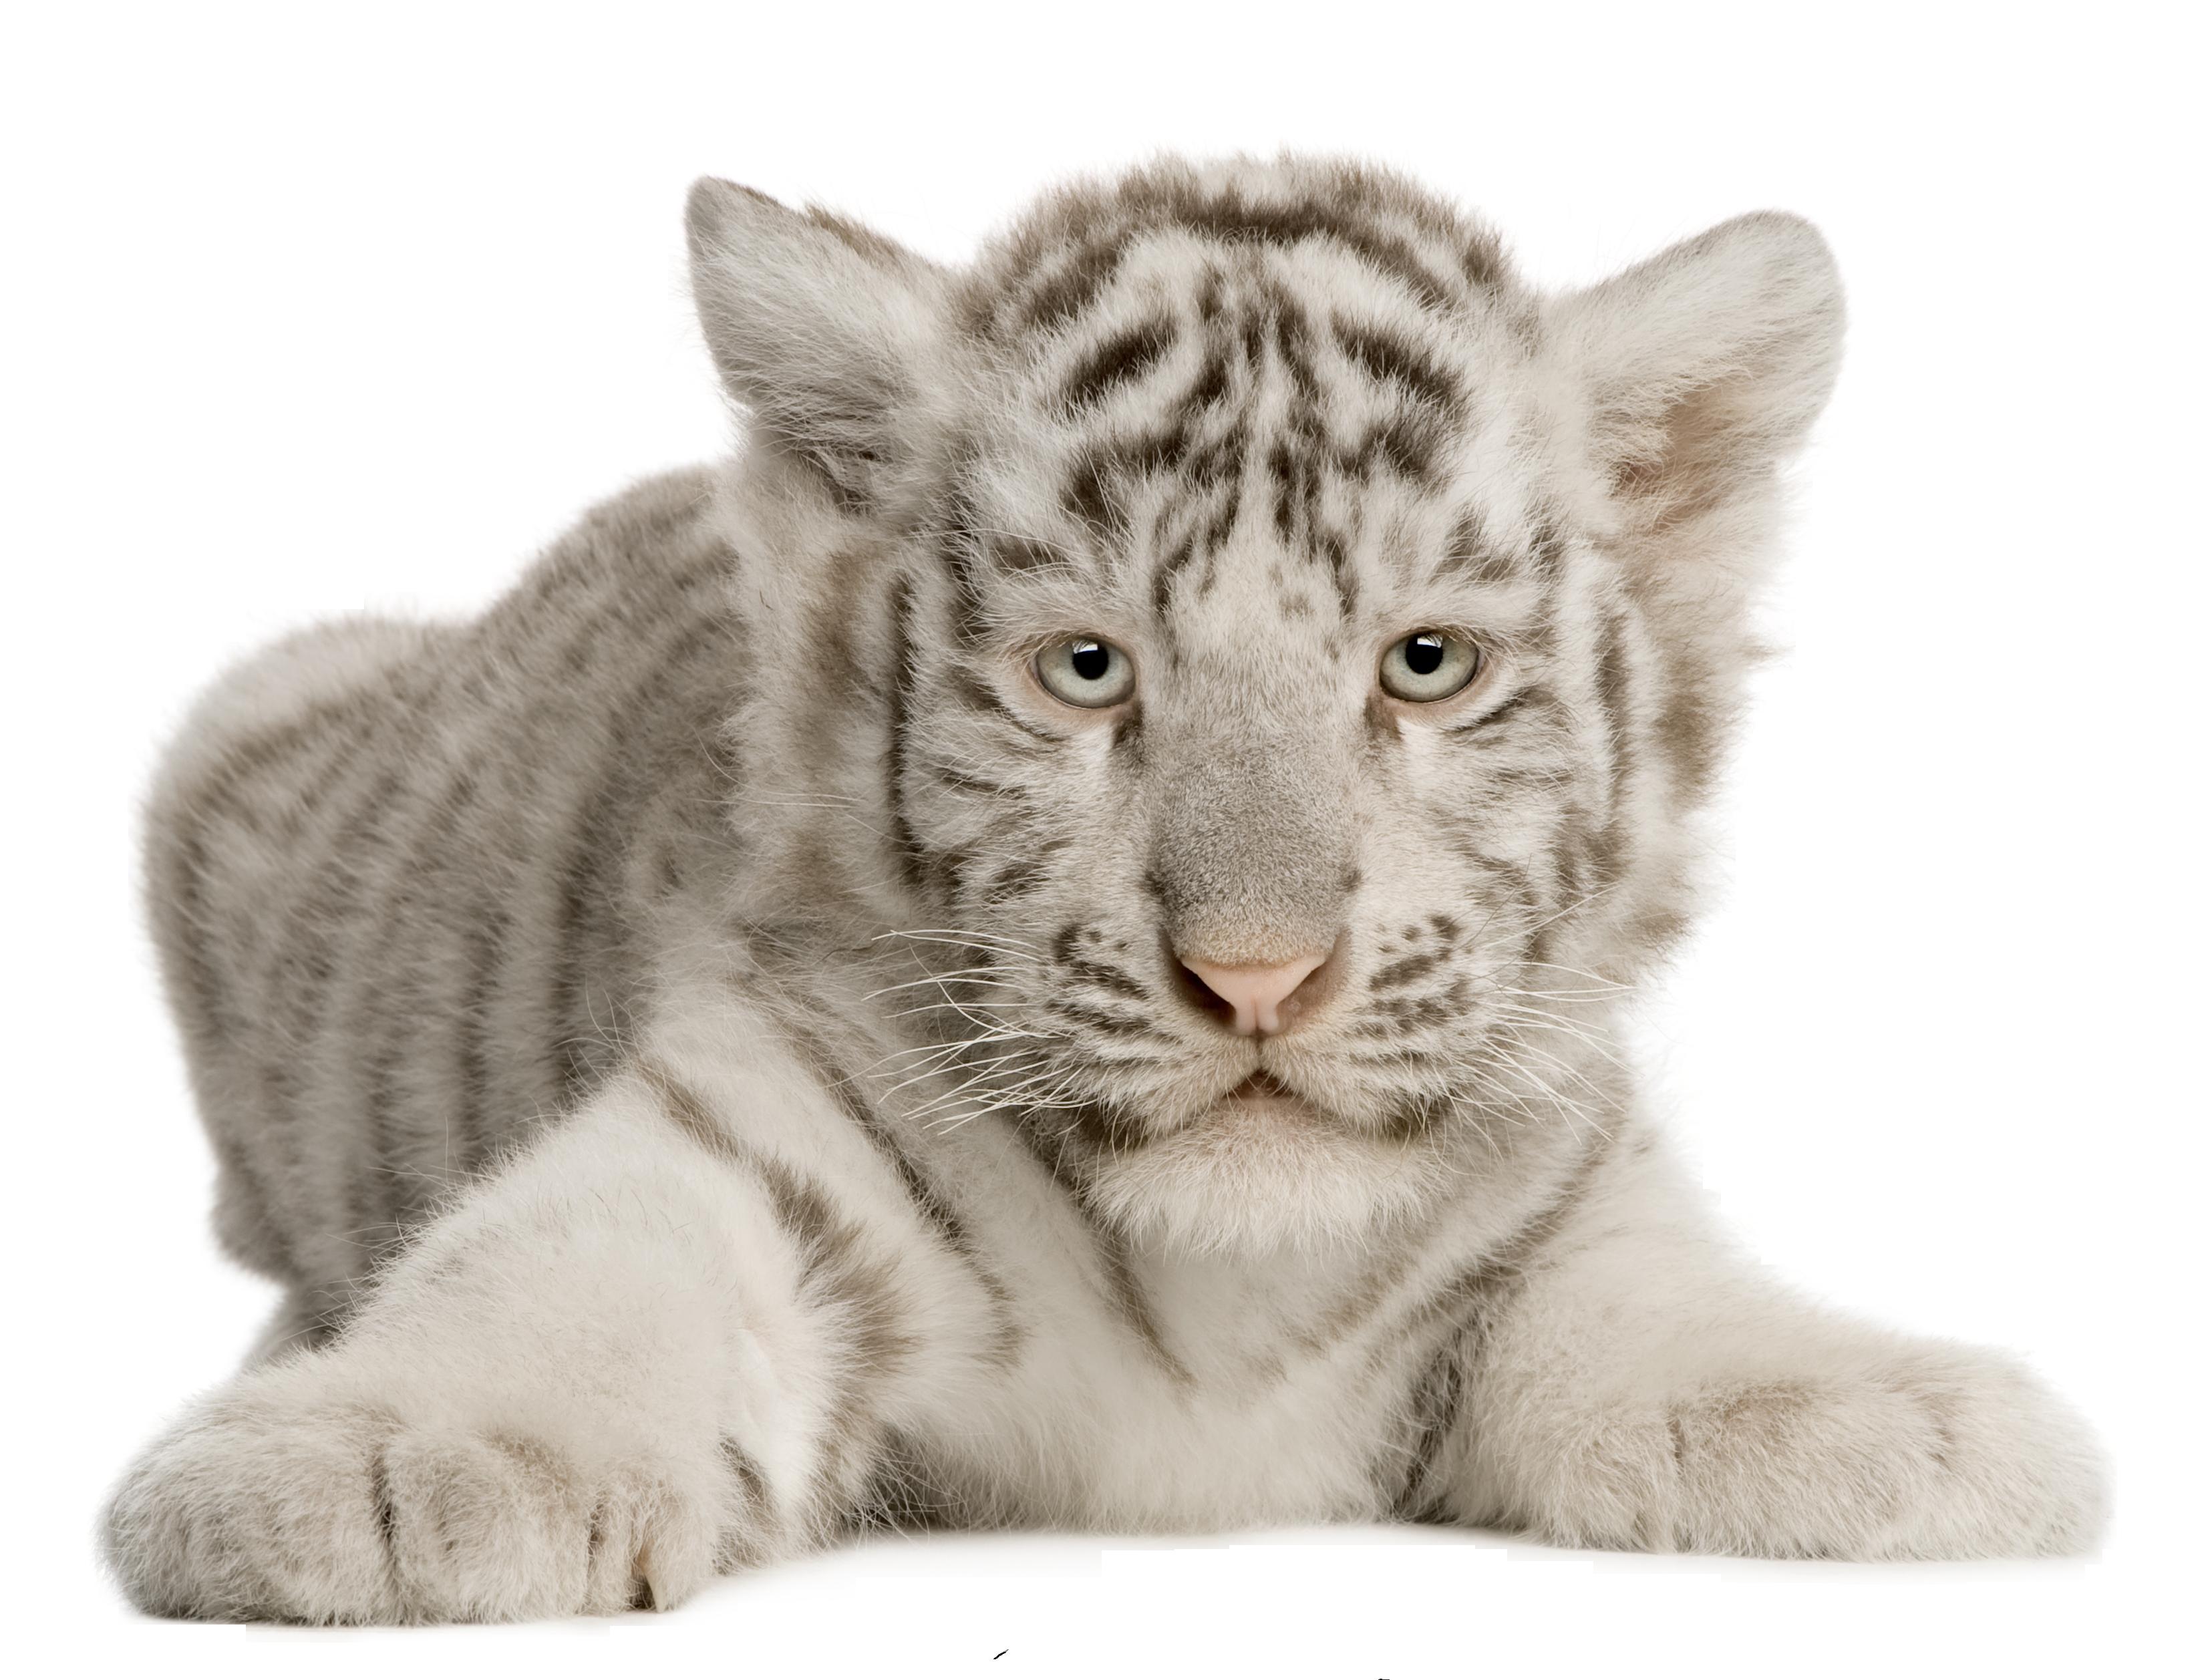 его картинка белый тигр на прозрачном фоне каждом люминесцентном